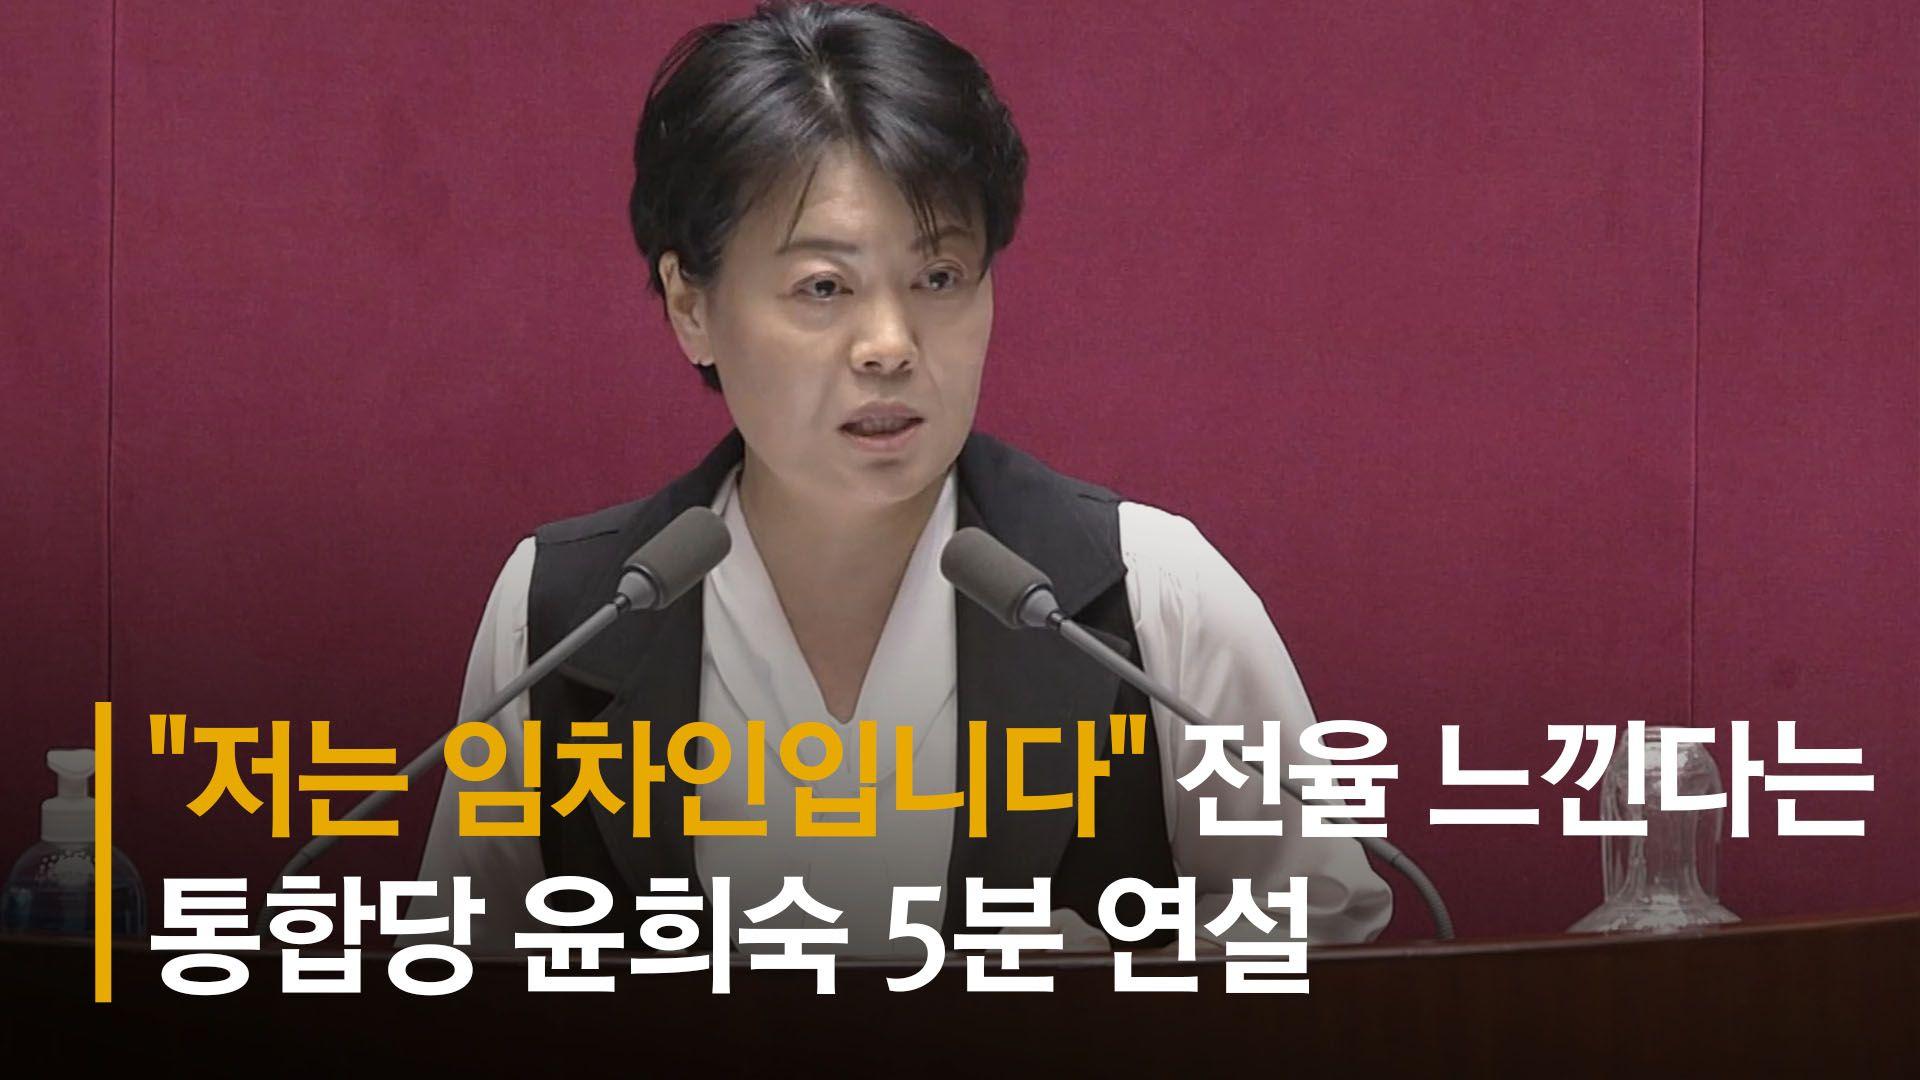 """전율 느껴졌다는 통합당 윤희숙 5분 연설 """"저는 임차인입니다"""""""